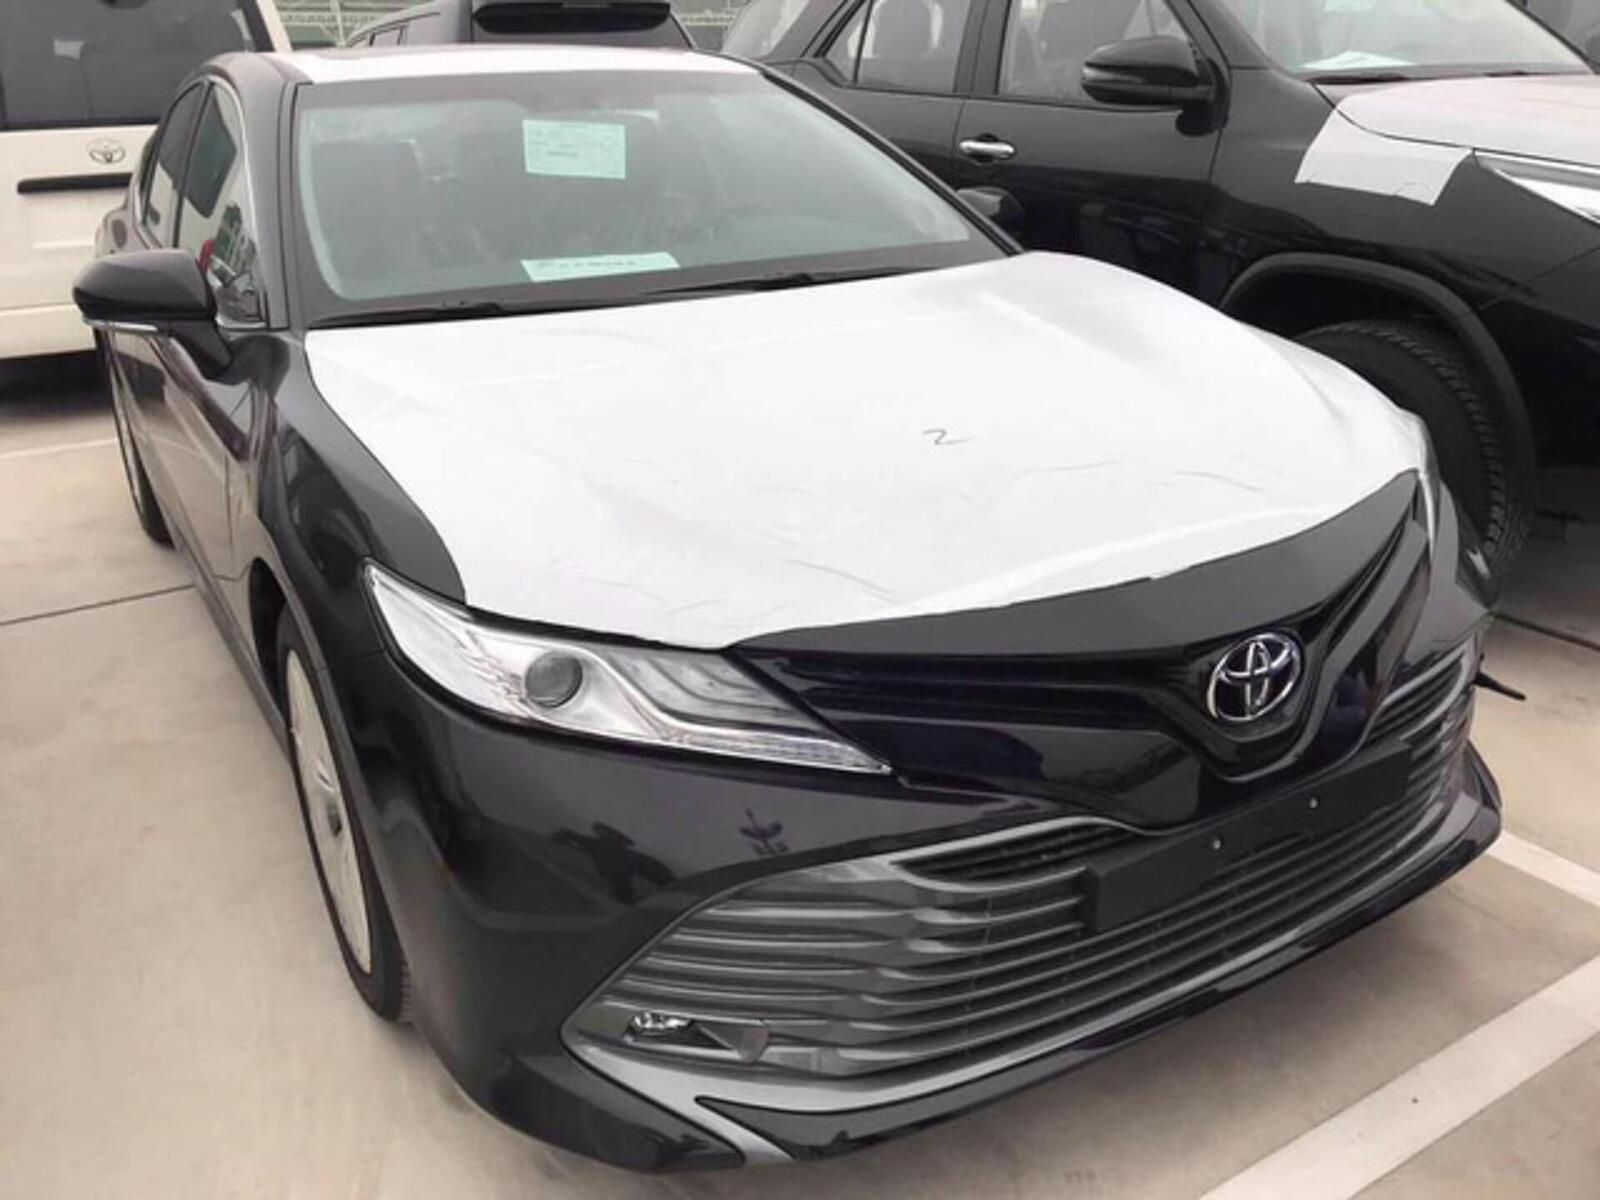 Toyota Camry thế hệ mới đã về đến Việt Nam - Chuẩn bị ra mắt công chúng - Hình 2